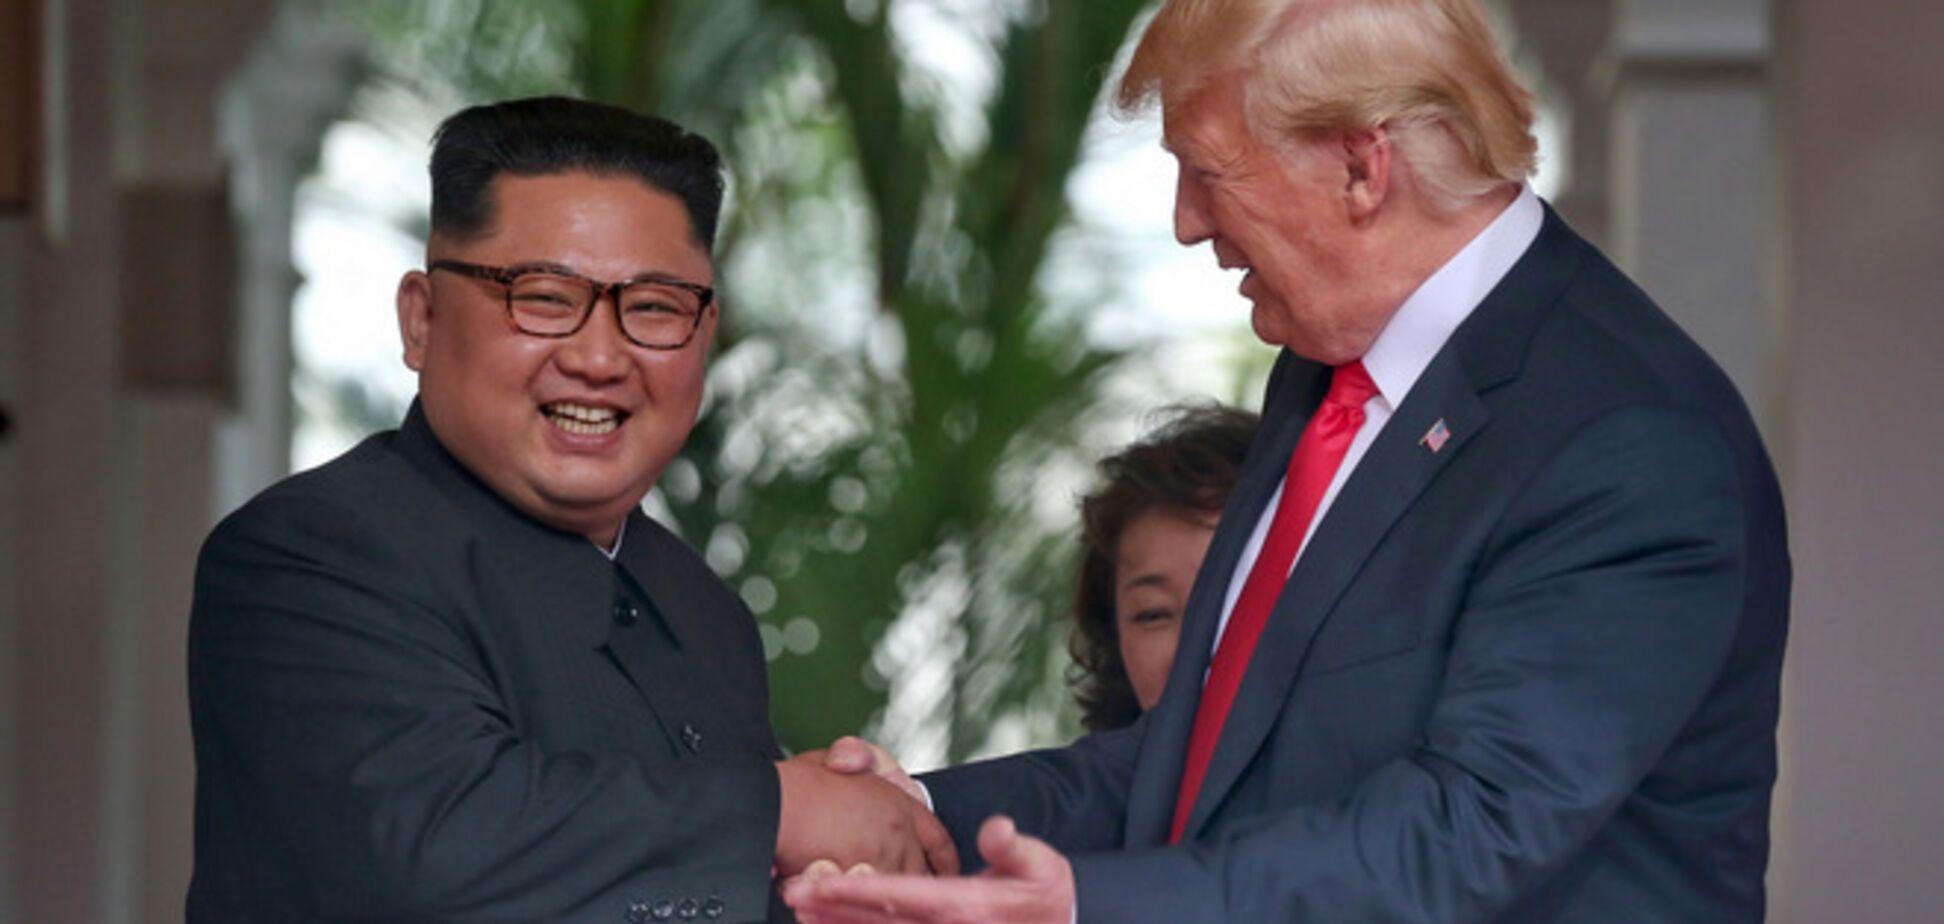 'Мир ввели в заблуждение': озвучен нюанс исторической встречи Трампа и Ким Чен Ына